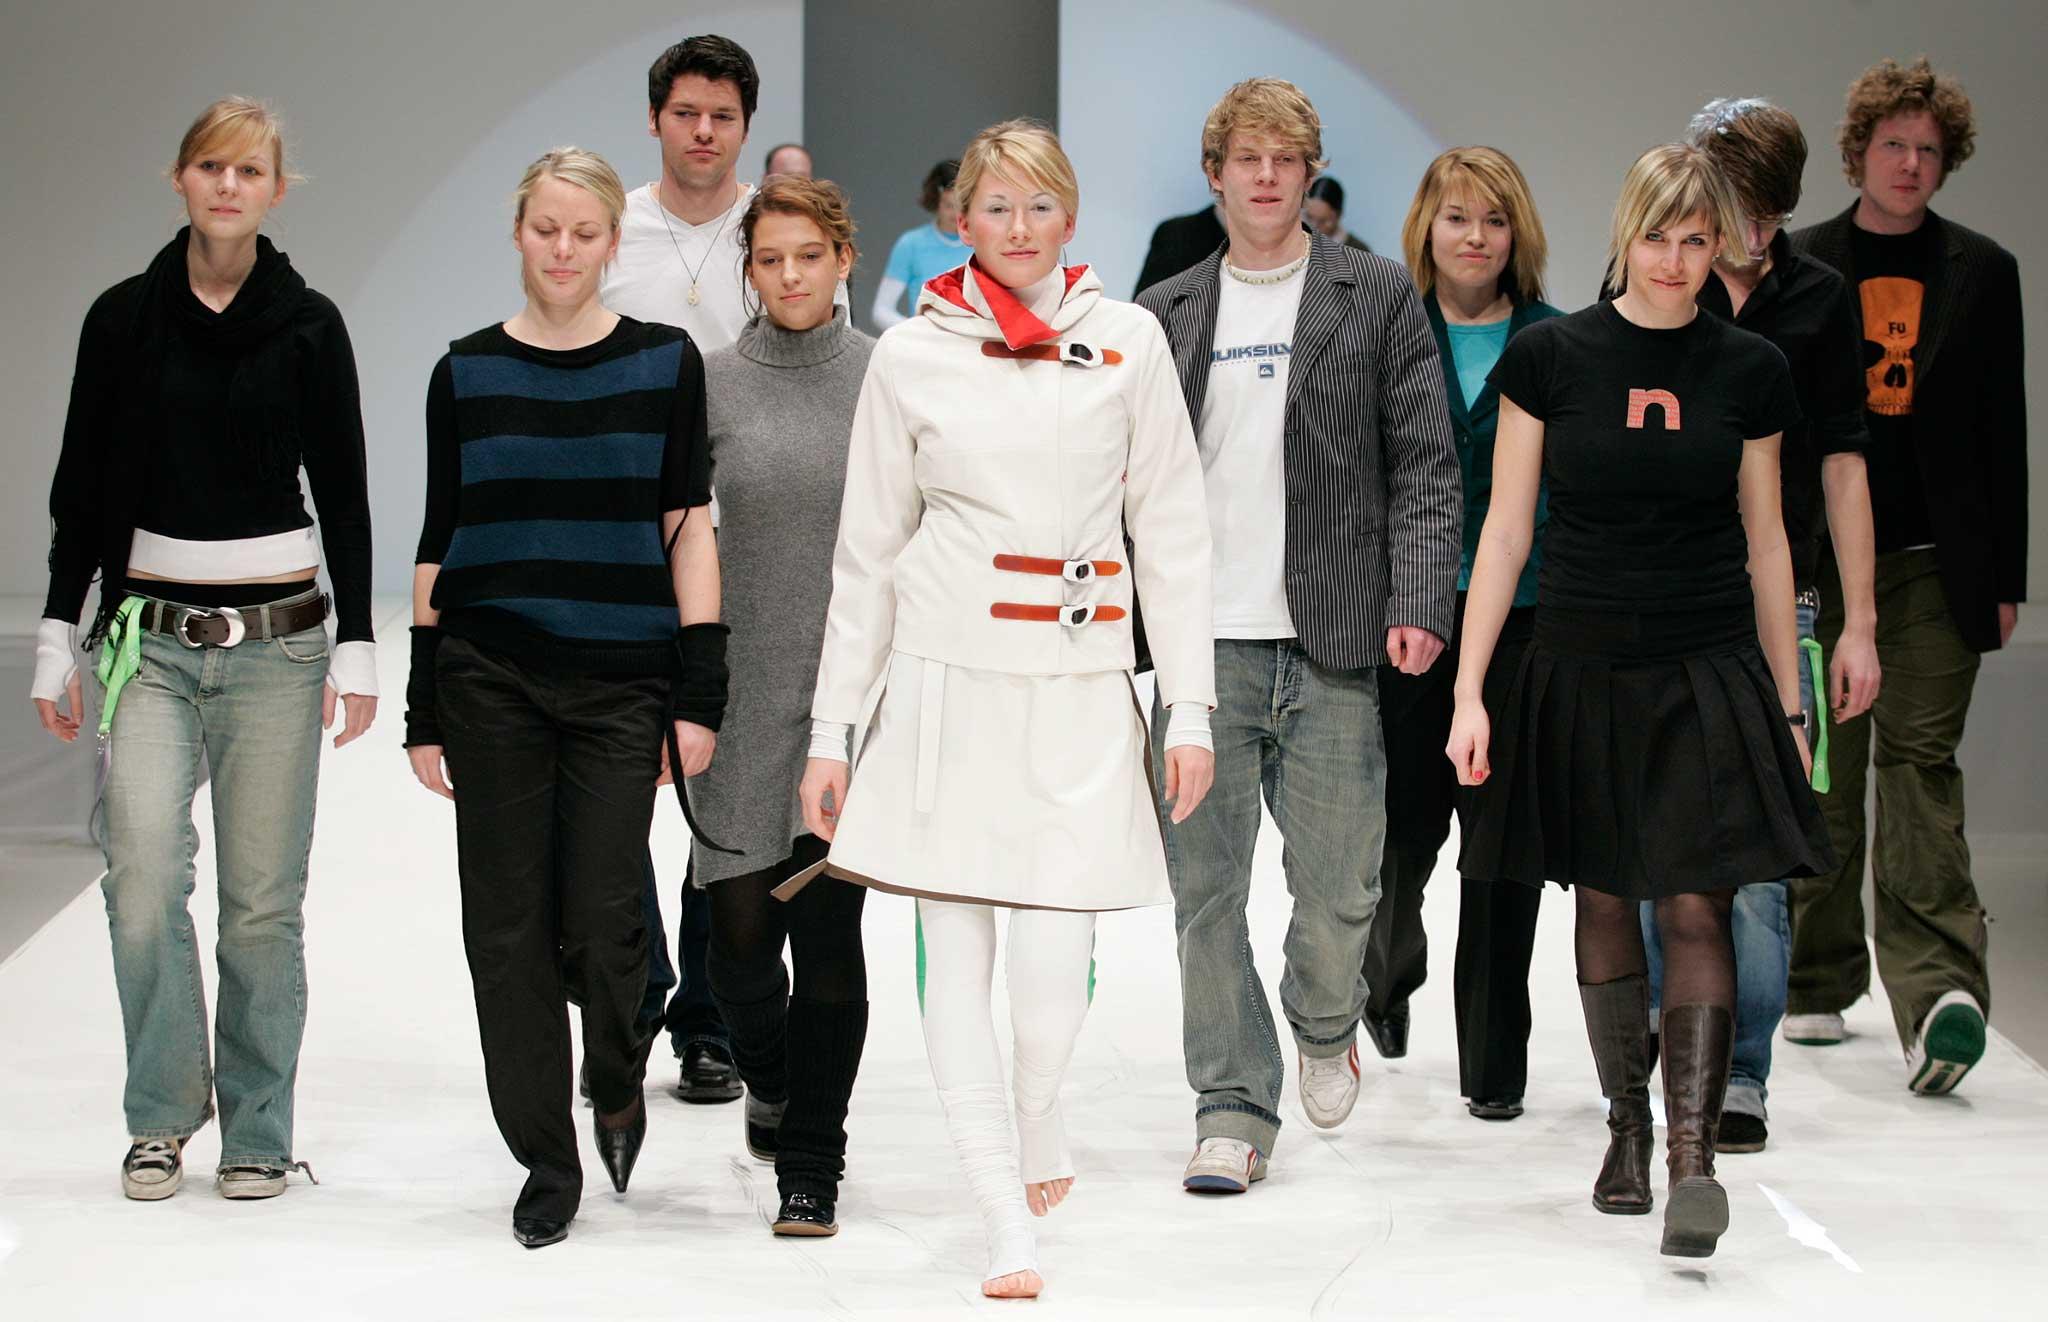 """Studierende der Hochschule Pforzheim enwarfen eine vom Snowboardsport inspirierte Streetwear-Kollektion. Sie gewannen damit den 1. Preis des European Fashion Award FASH 05 der Stiftung der Deutschen Bekleidungsindustrie unter dem Thema """"sports inspired fashion""""."""